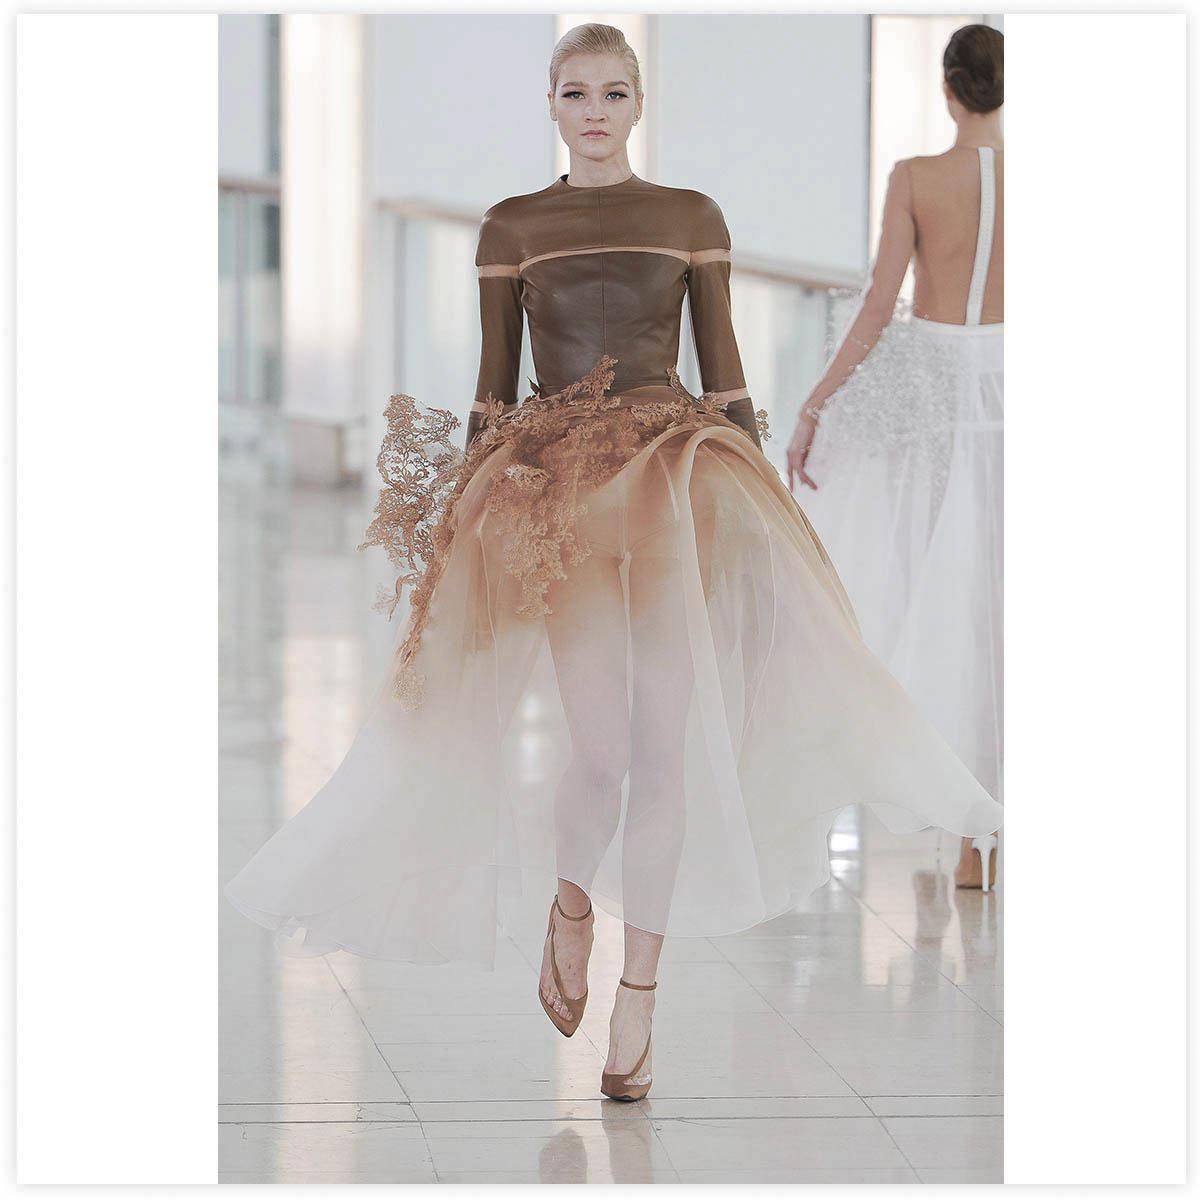 Stéphane Rolland Haute-Couture Défilé 2015 Aérographe sur modèle monté